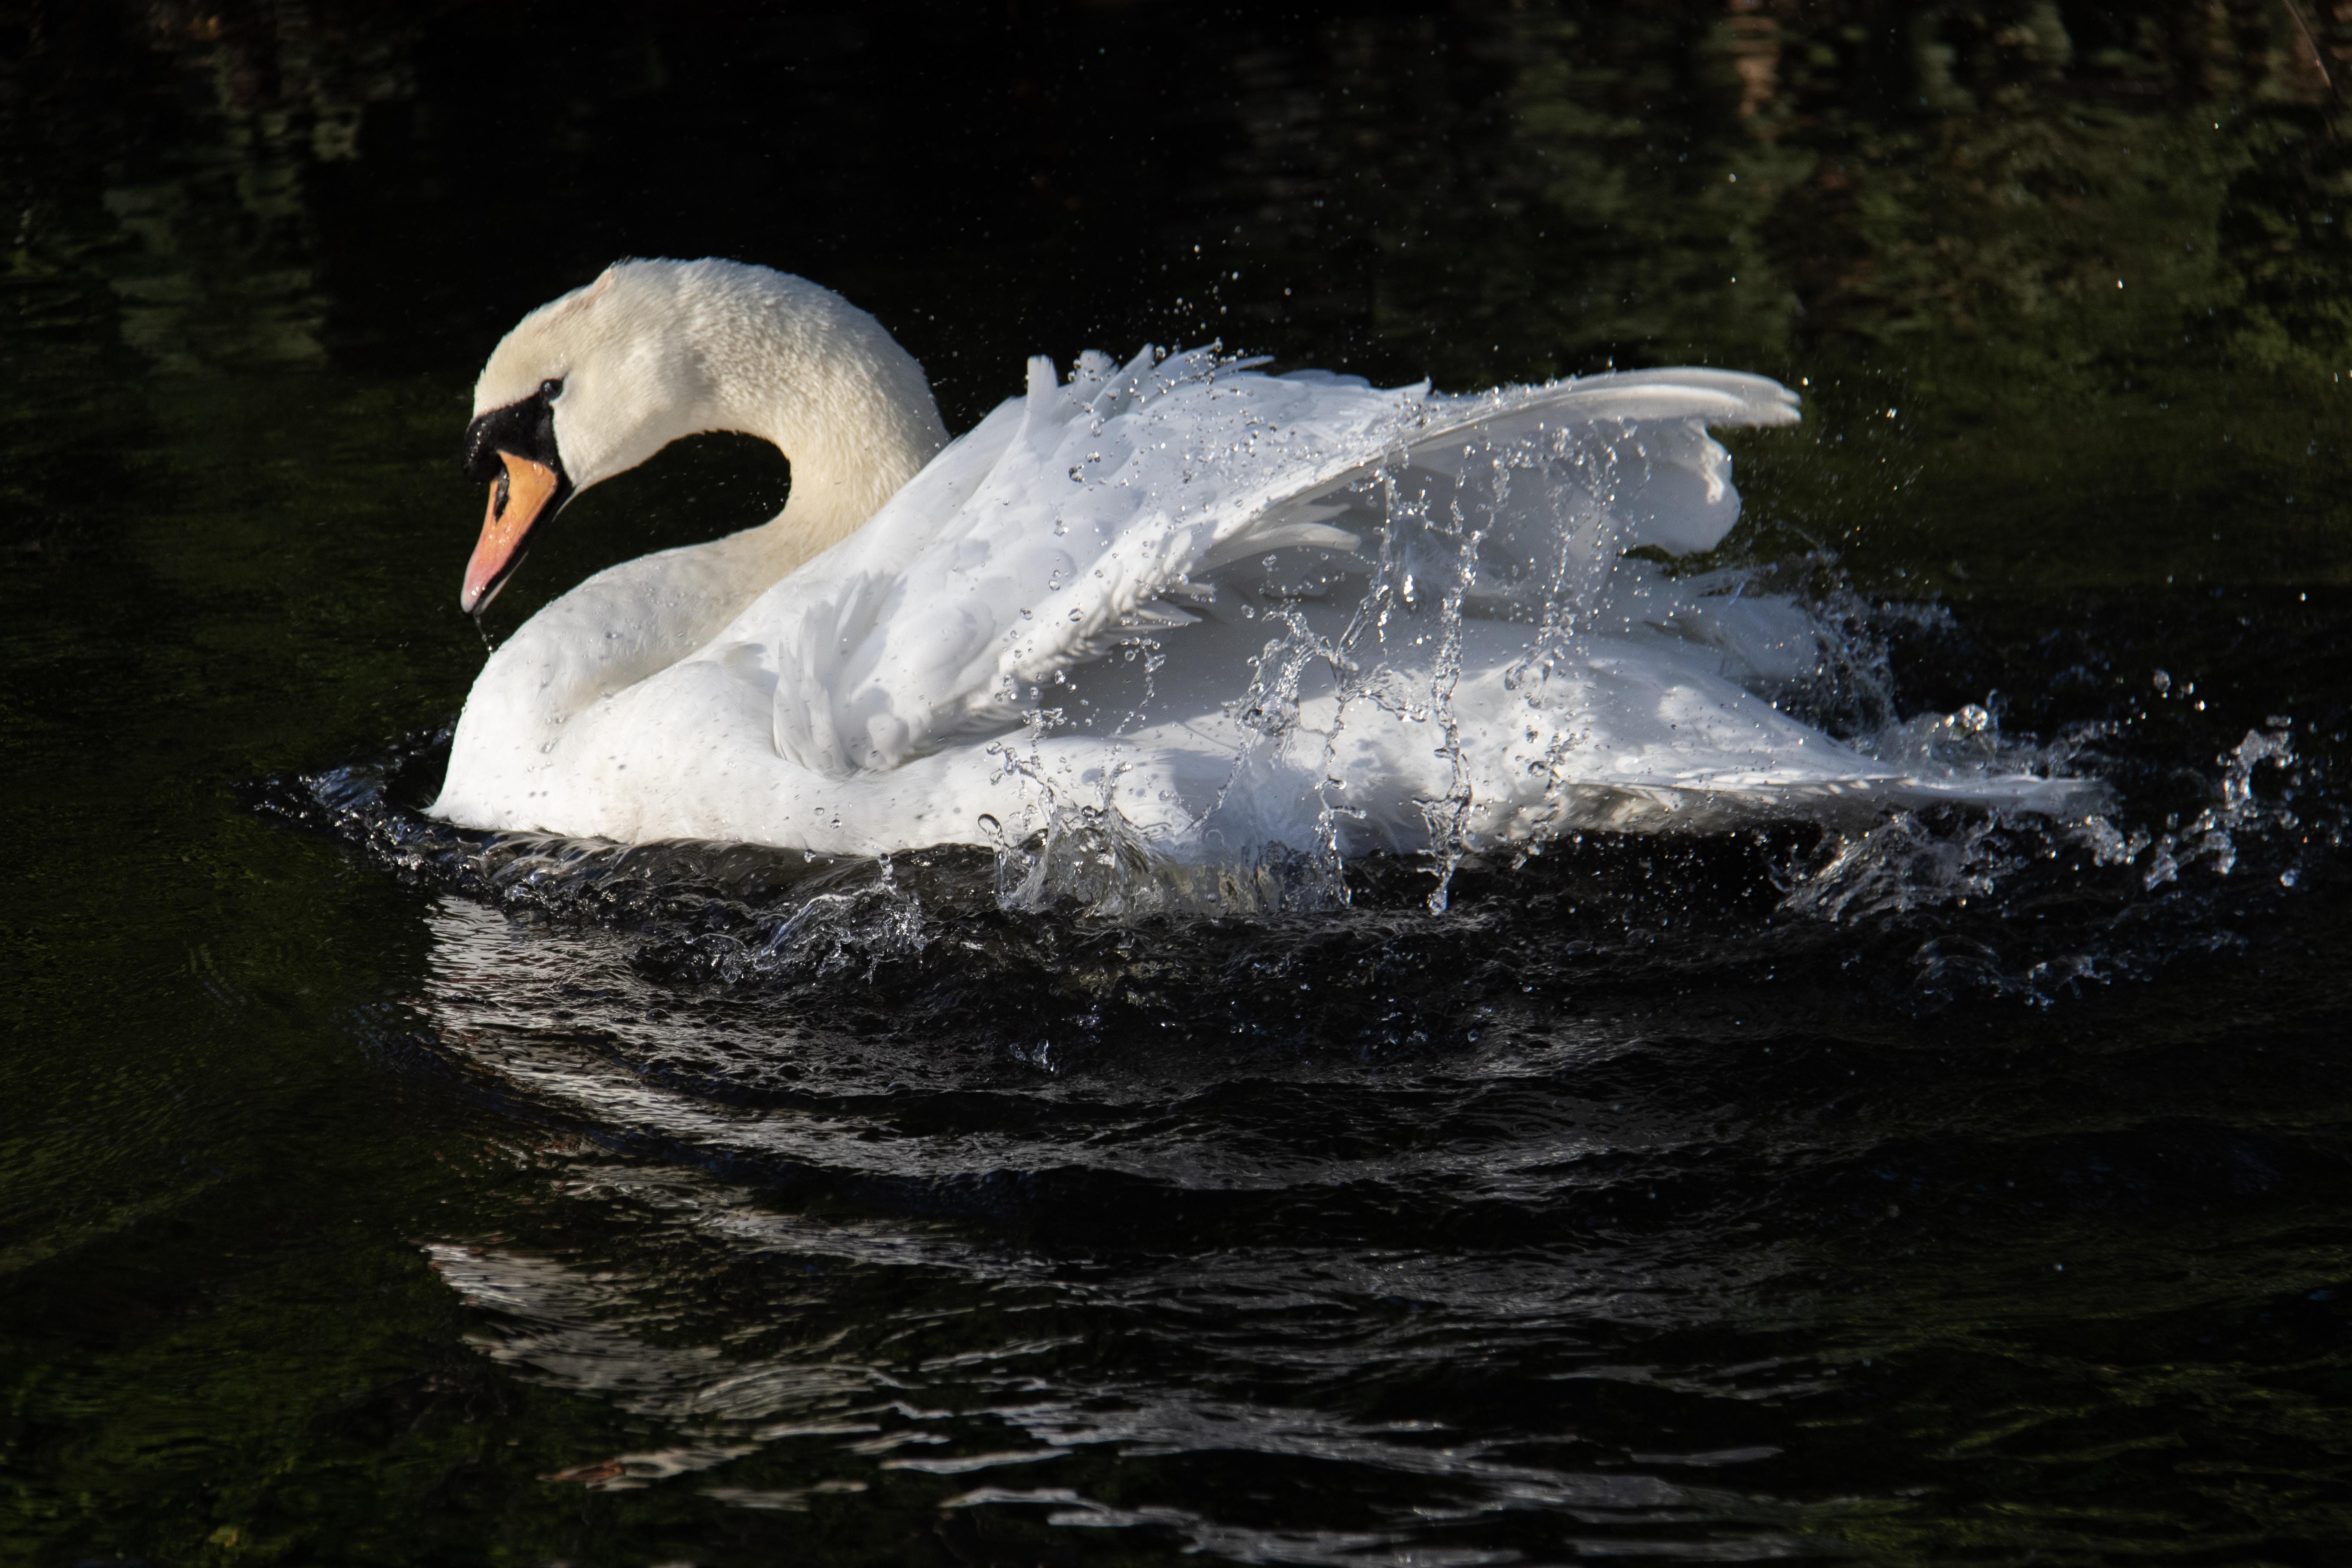 swan in water